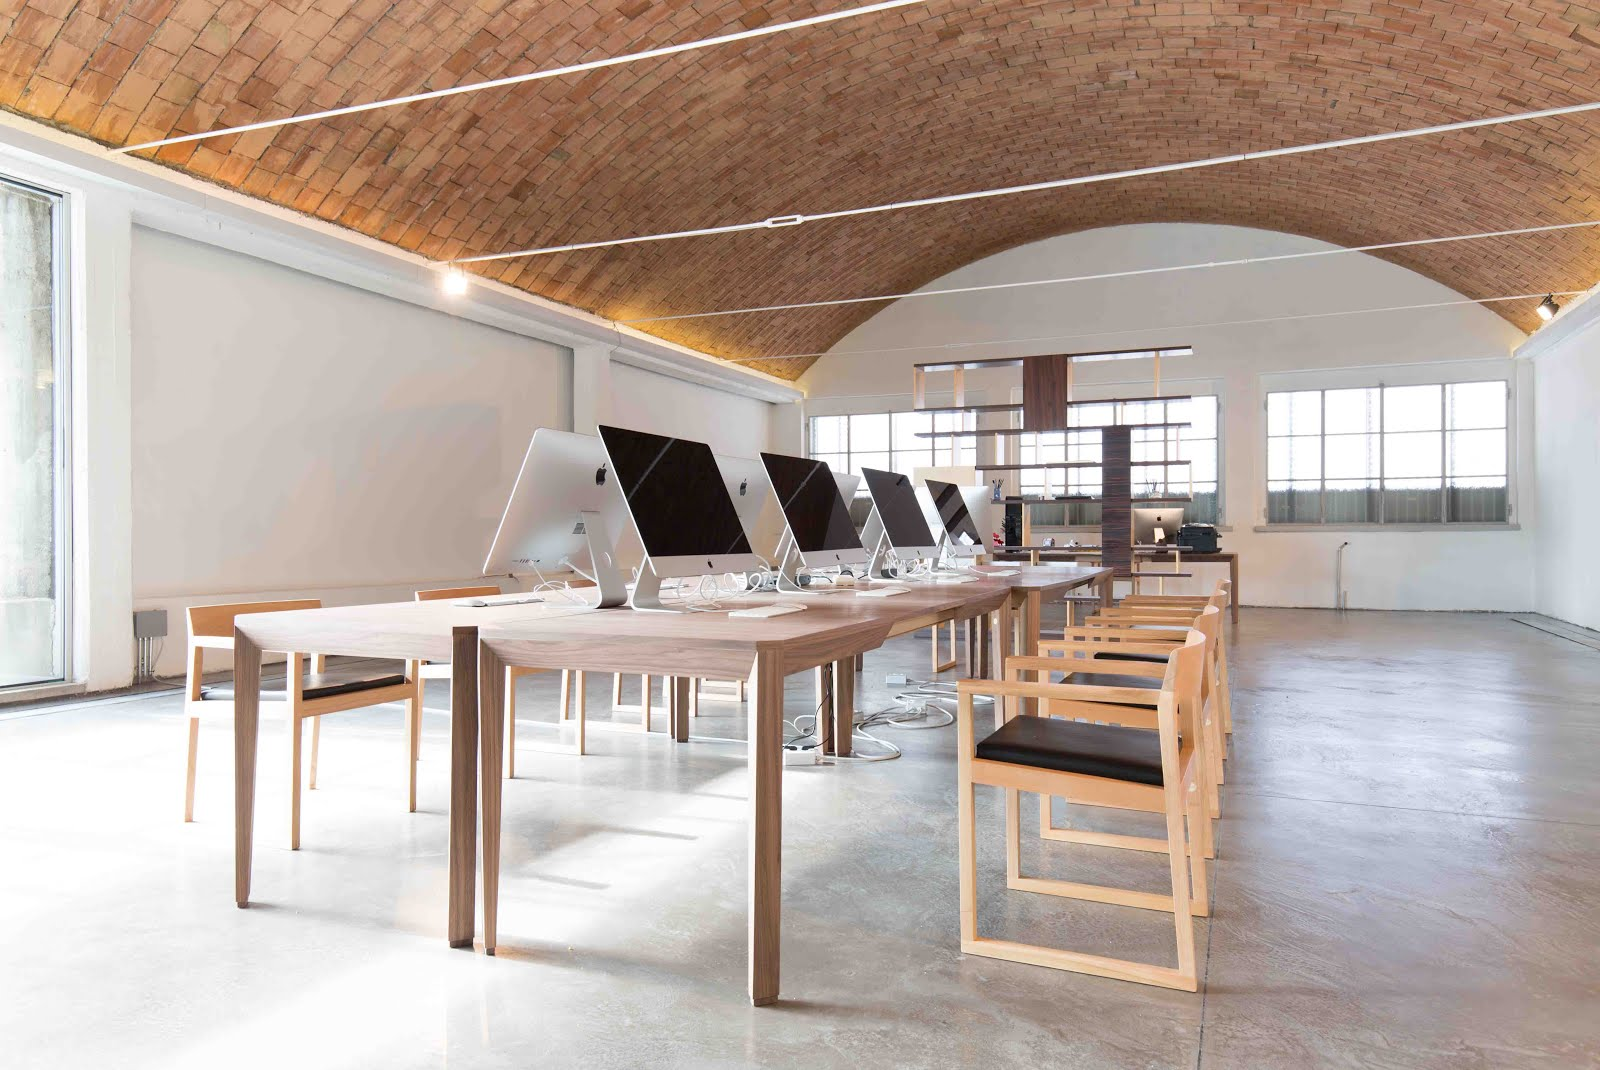 Arredo e design morelato arreda la sede milanese della for Arreda durante